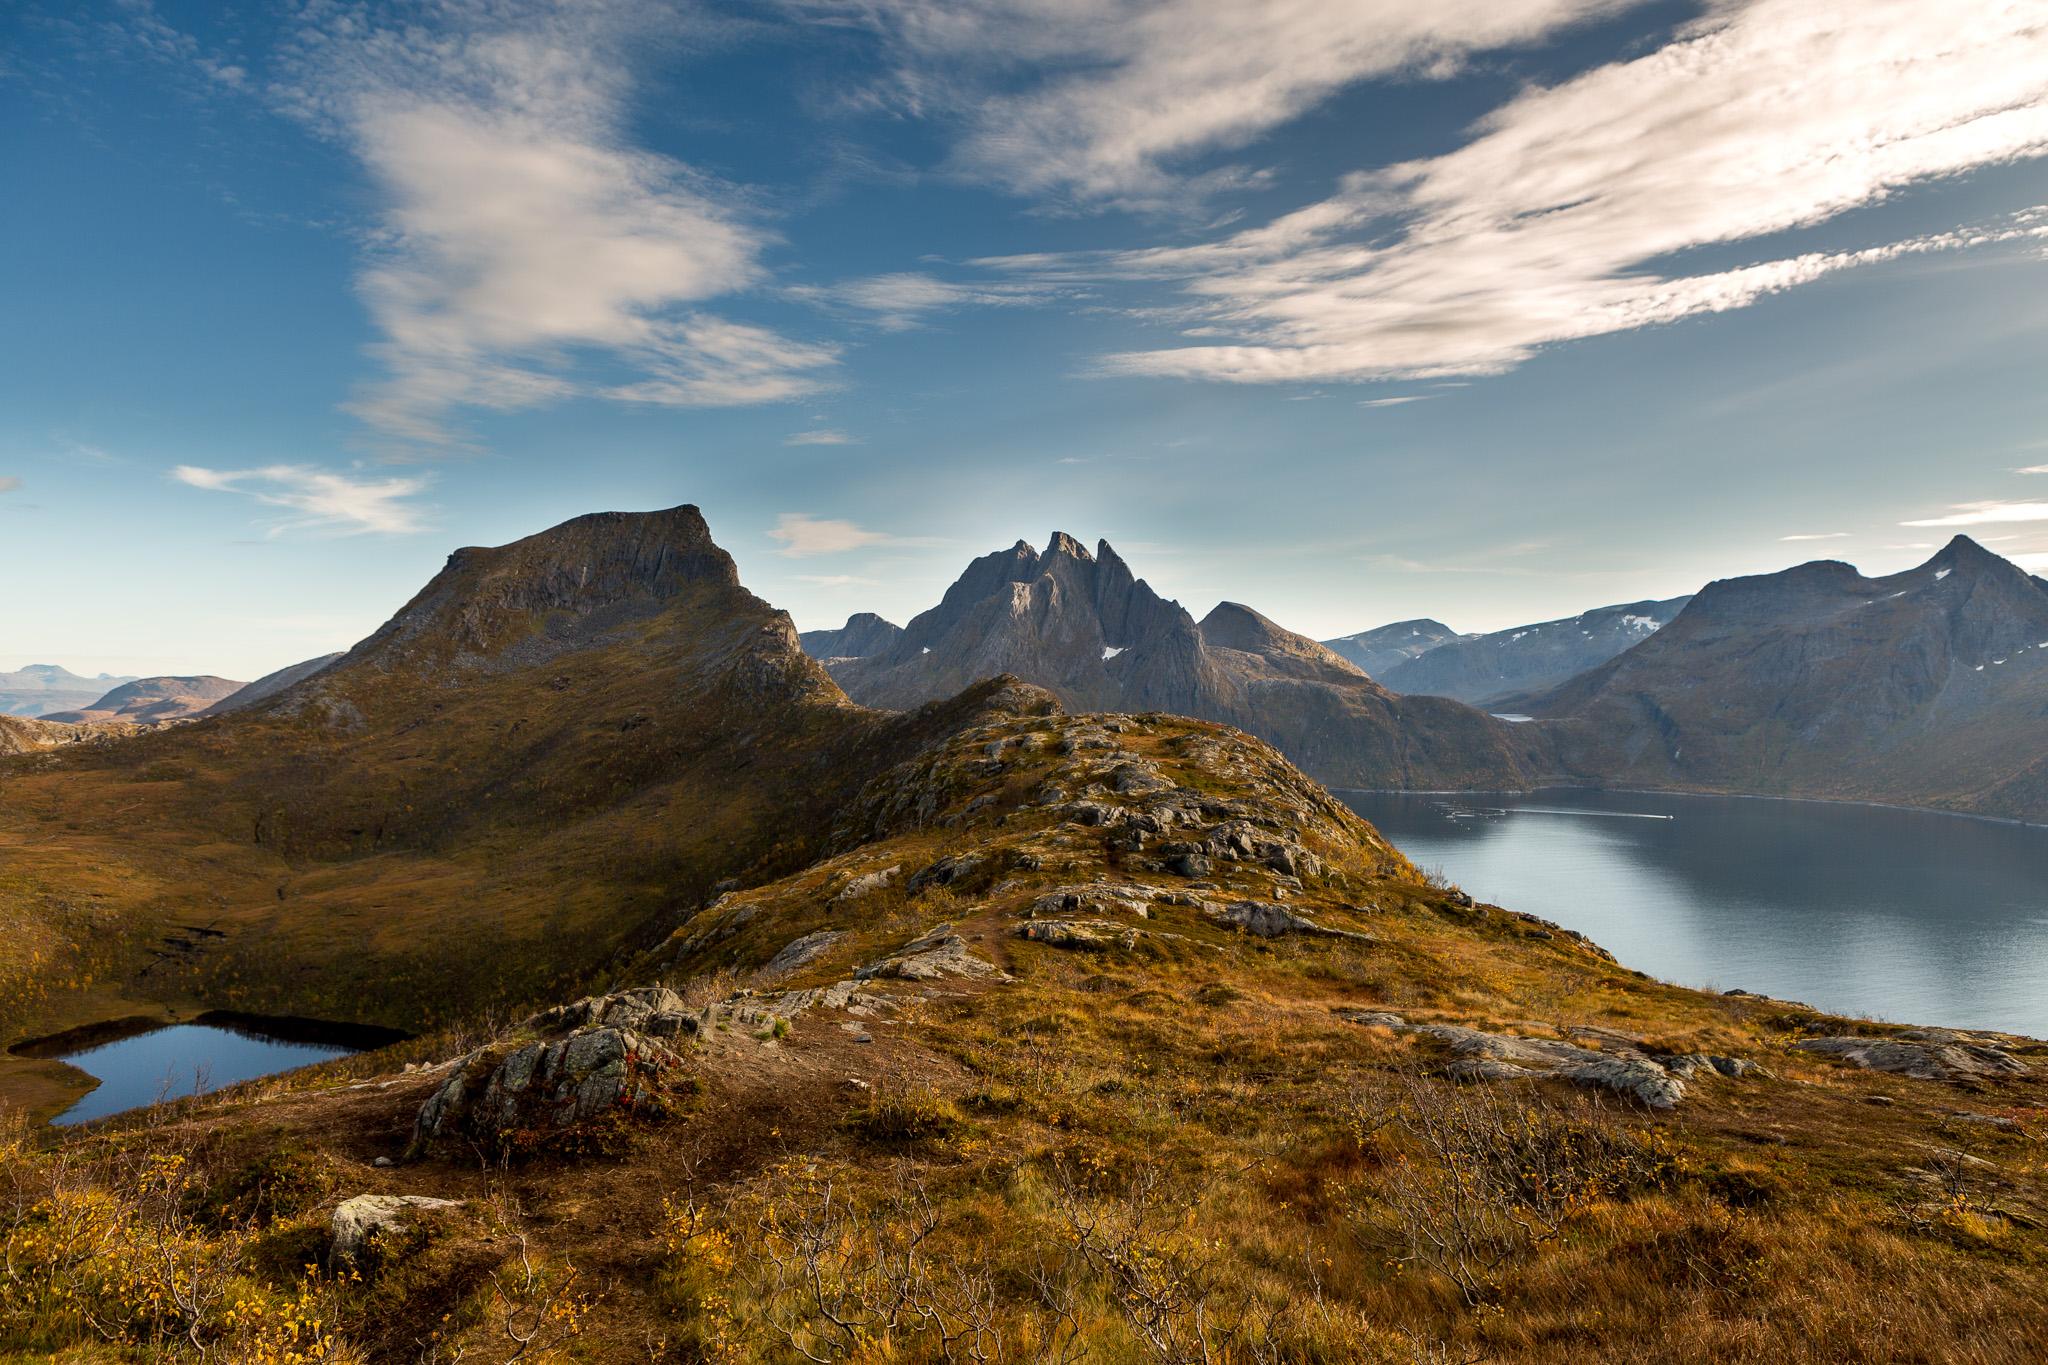 For all del - nydelig utsikt og vakkert landskap! Veldig flott!